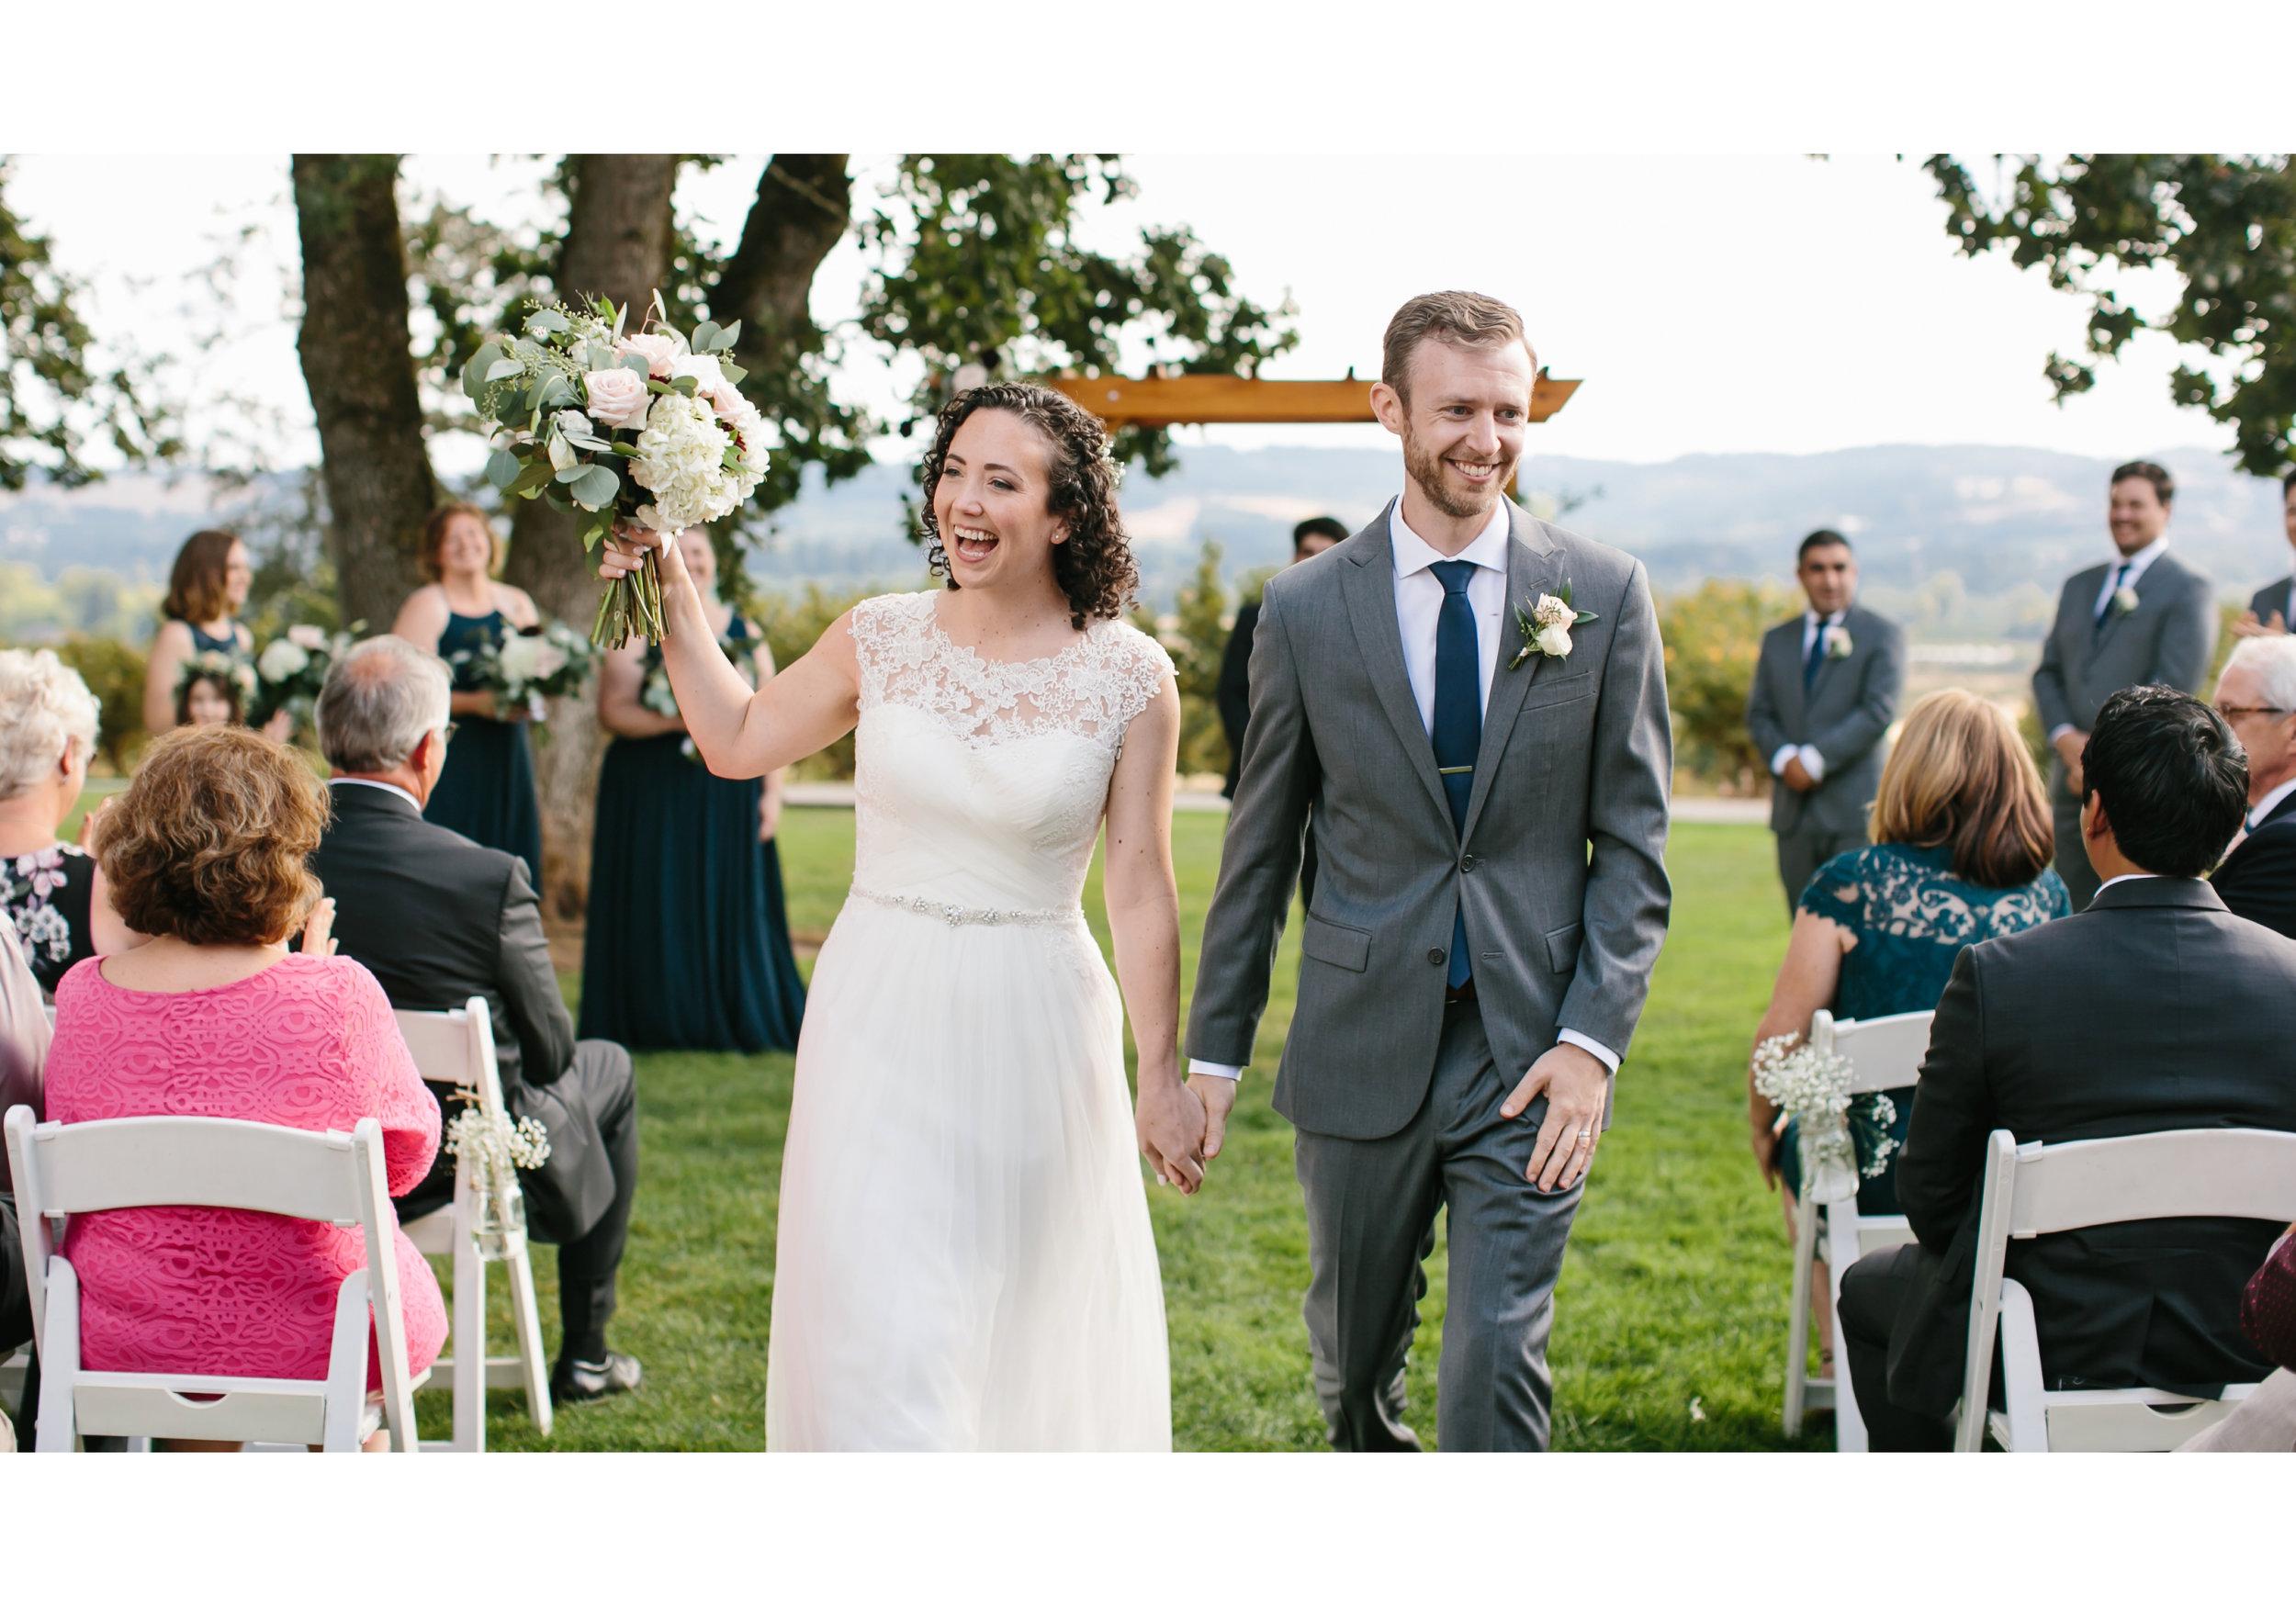 scholls-valley-lodge-wedding-photographer-ashley-courter0015.JPG